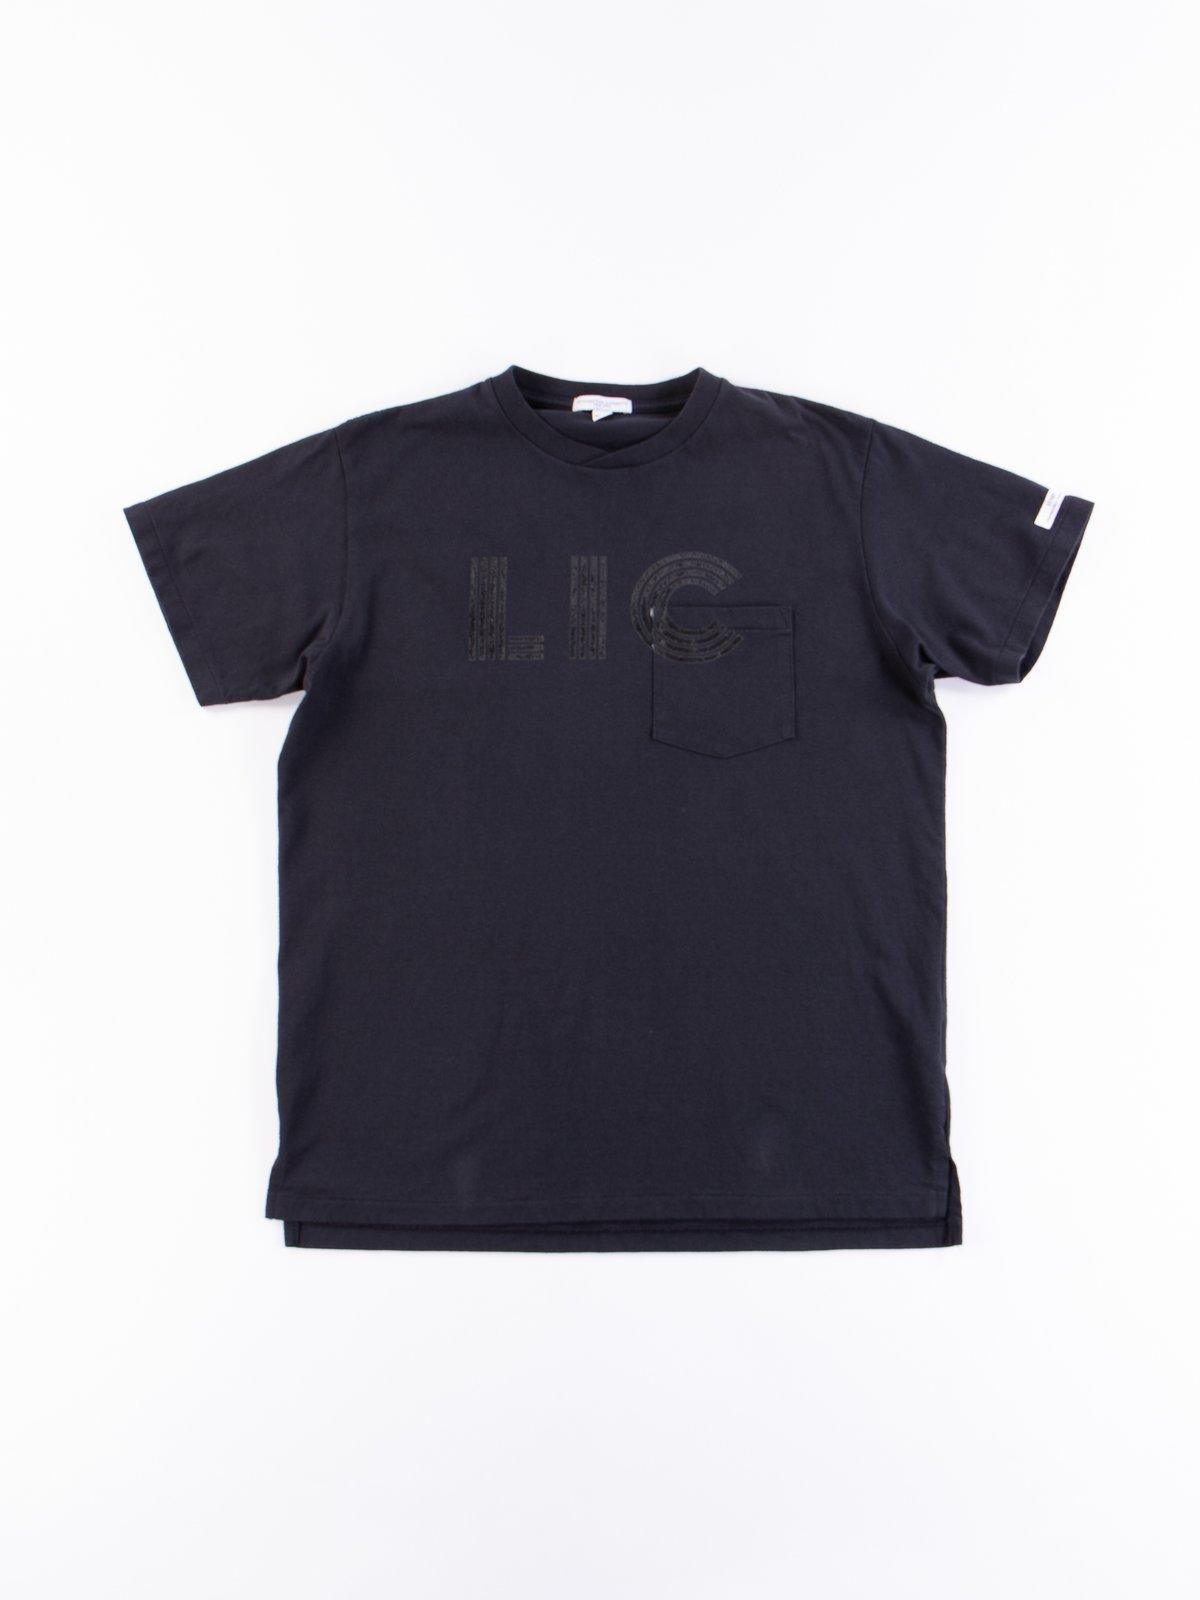 Navy LIC Printed T–Shirt - Image 1